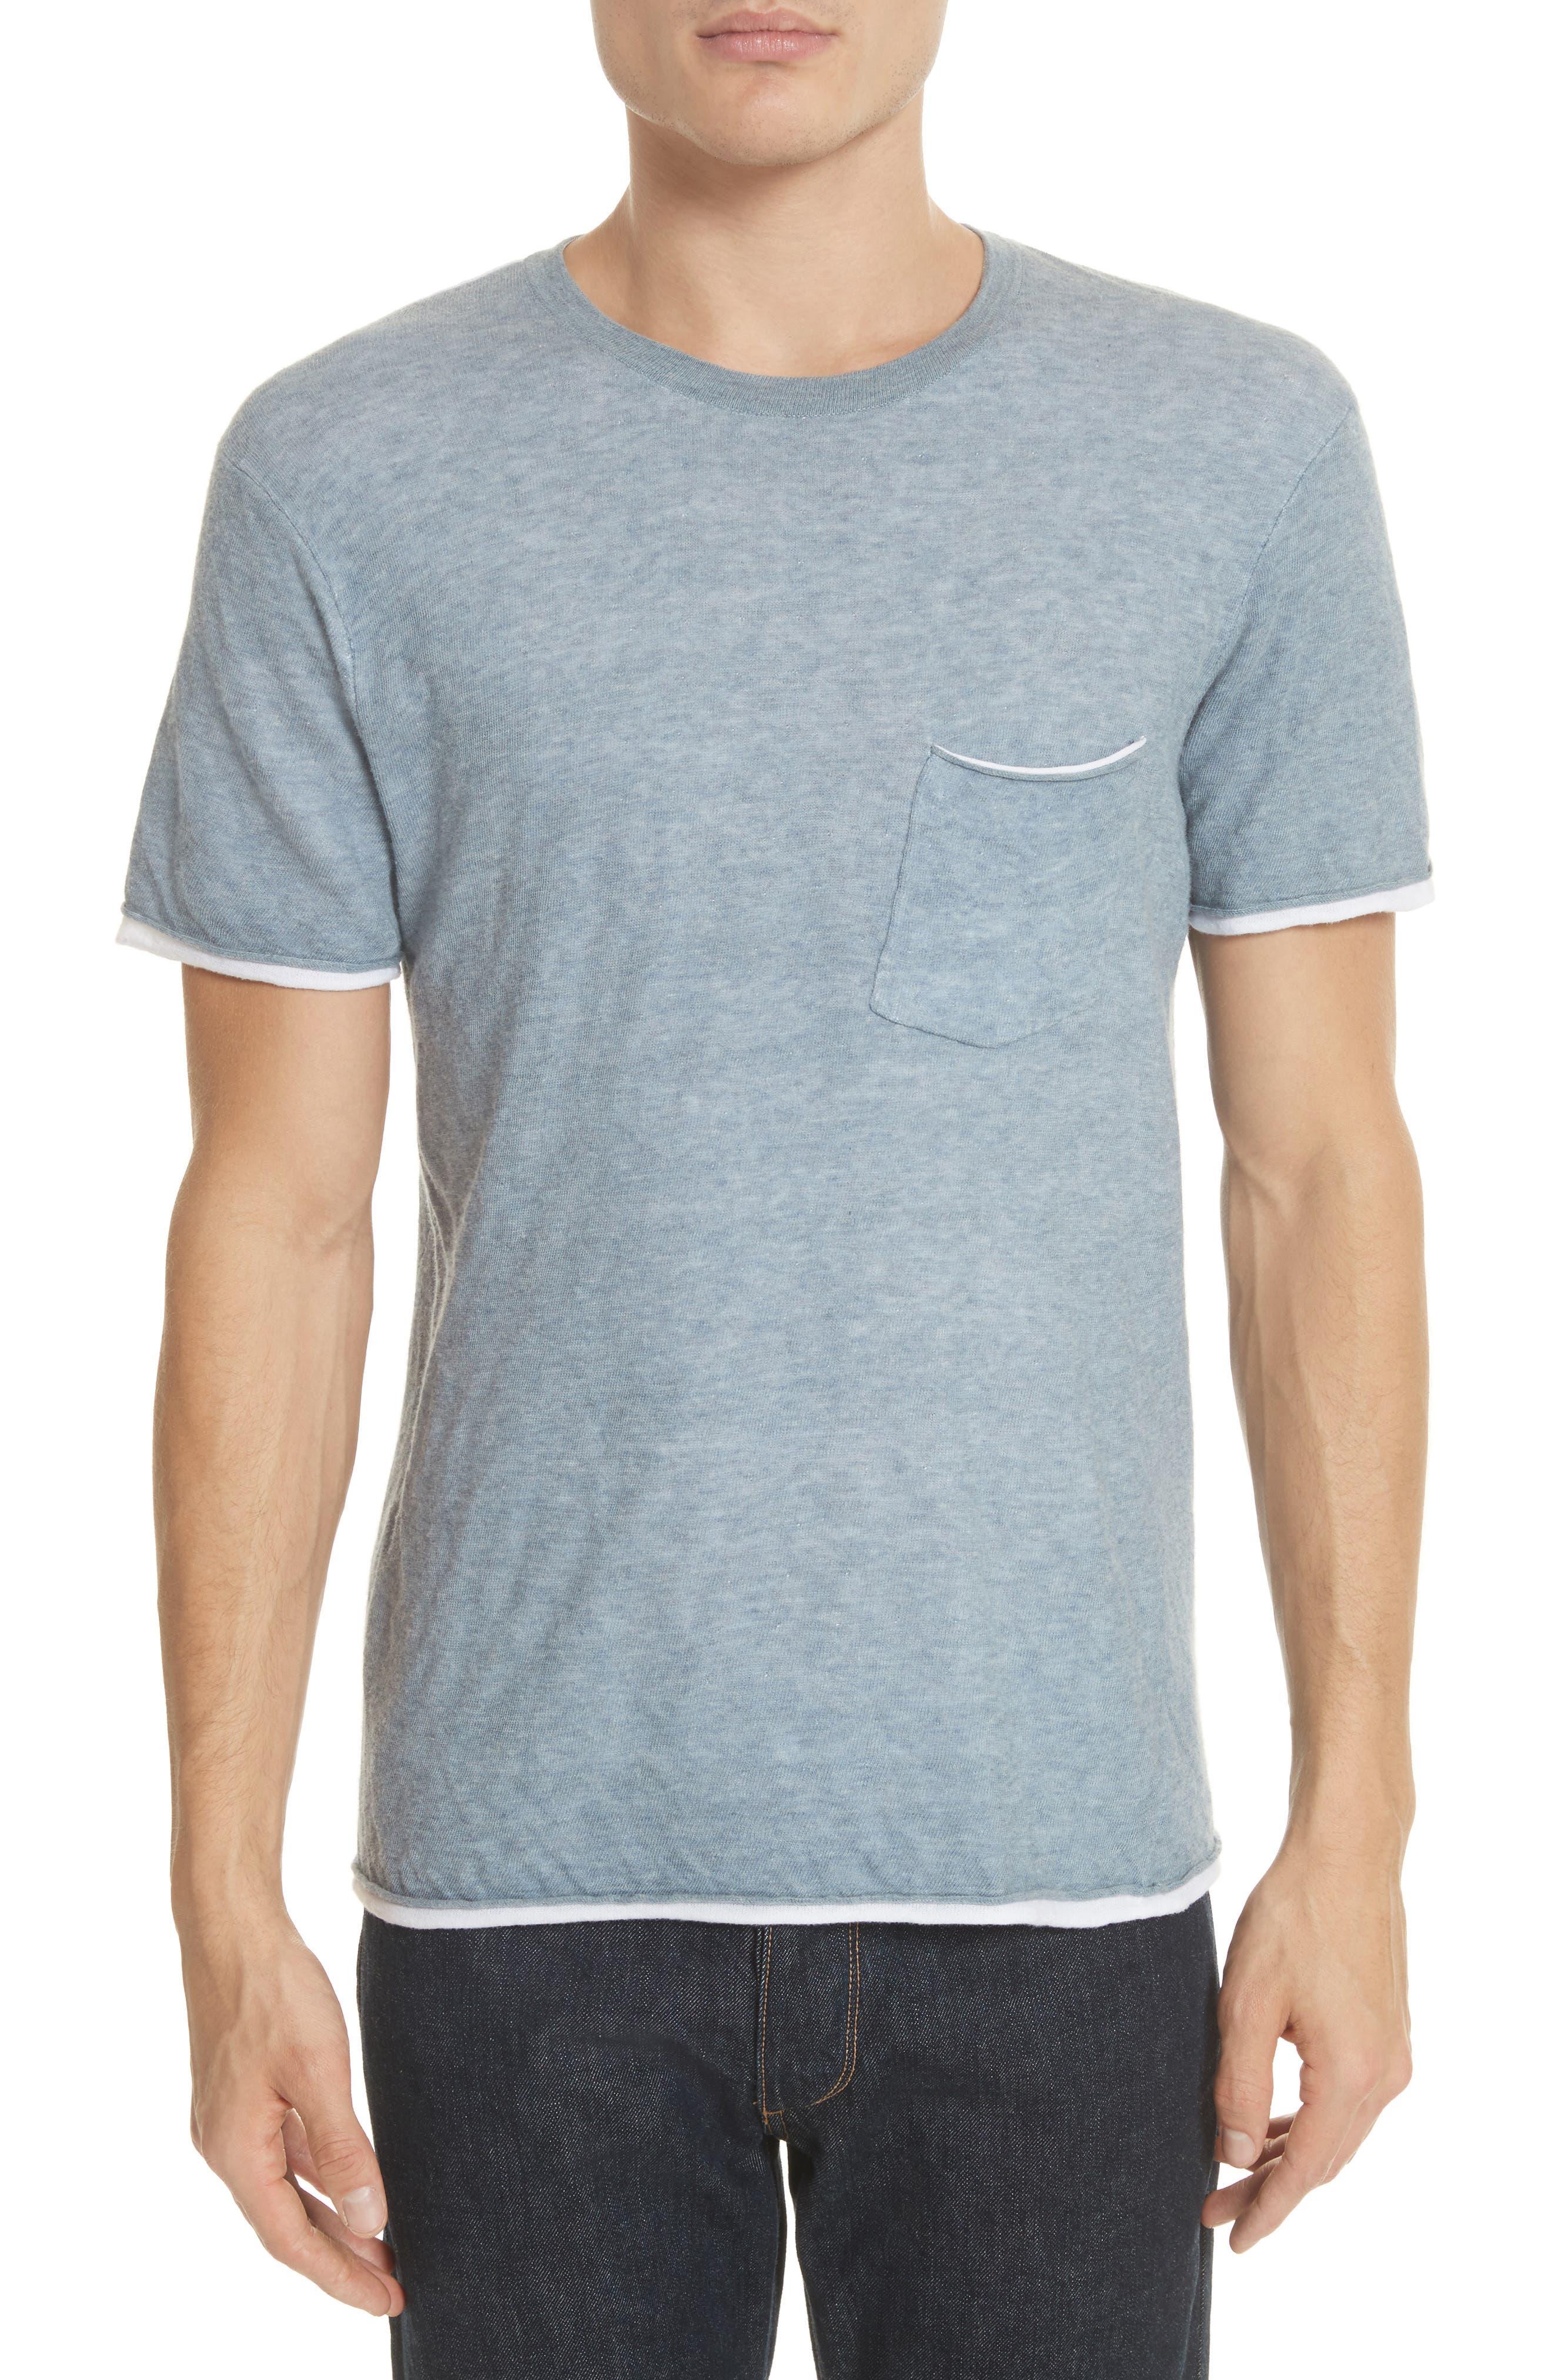 Tripp Pocket T-Shirt,                             Main thumbnail 1, color,                             Light Blue